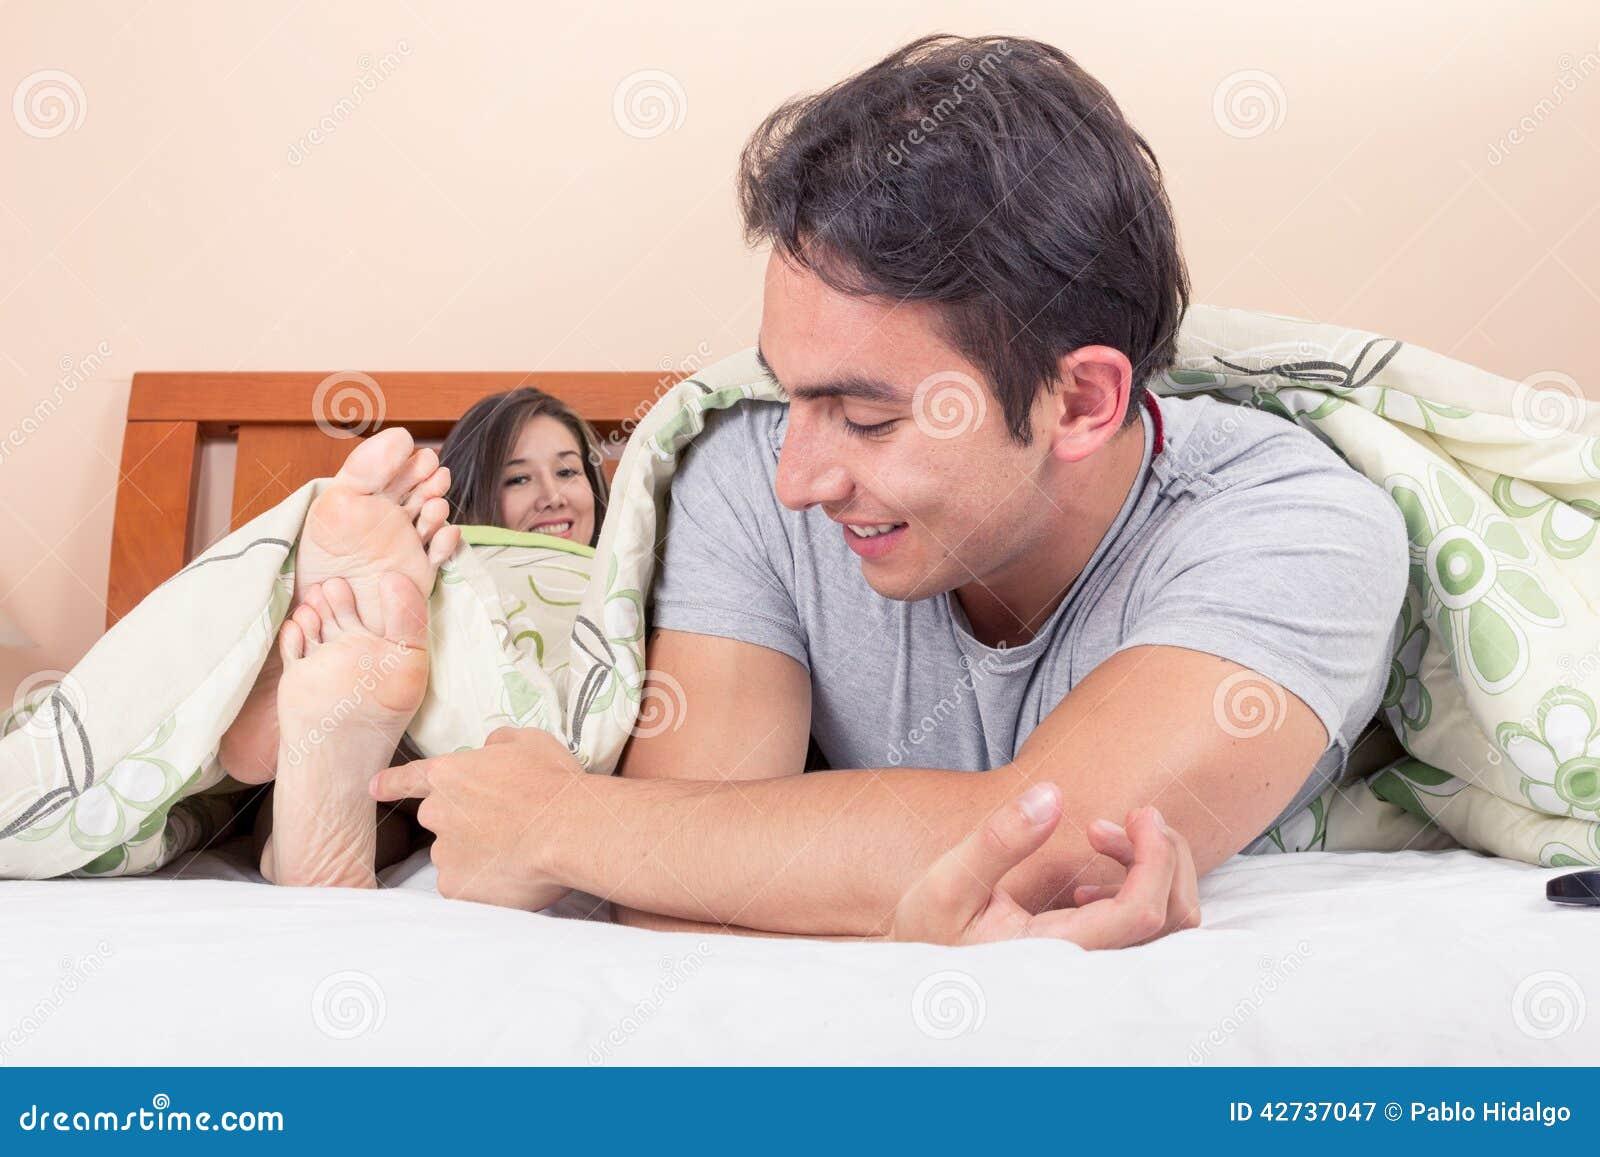 2 pares de pies de ébano en la cama 8